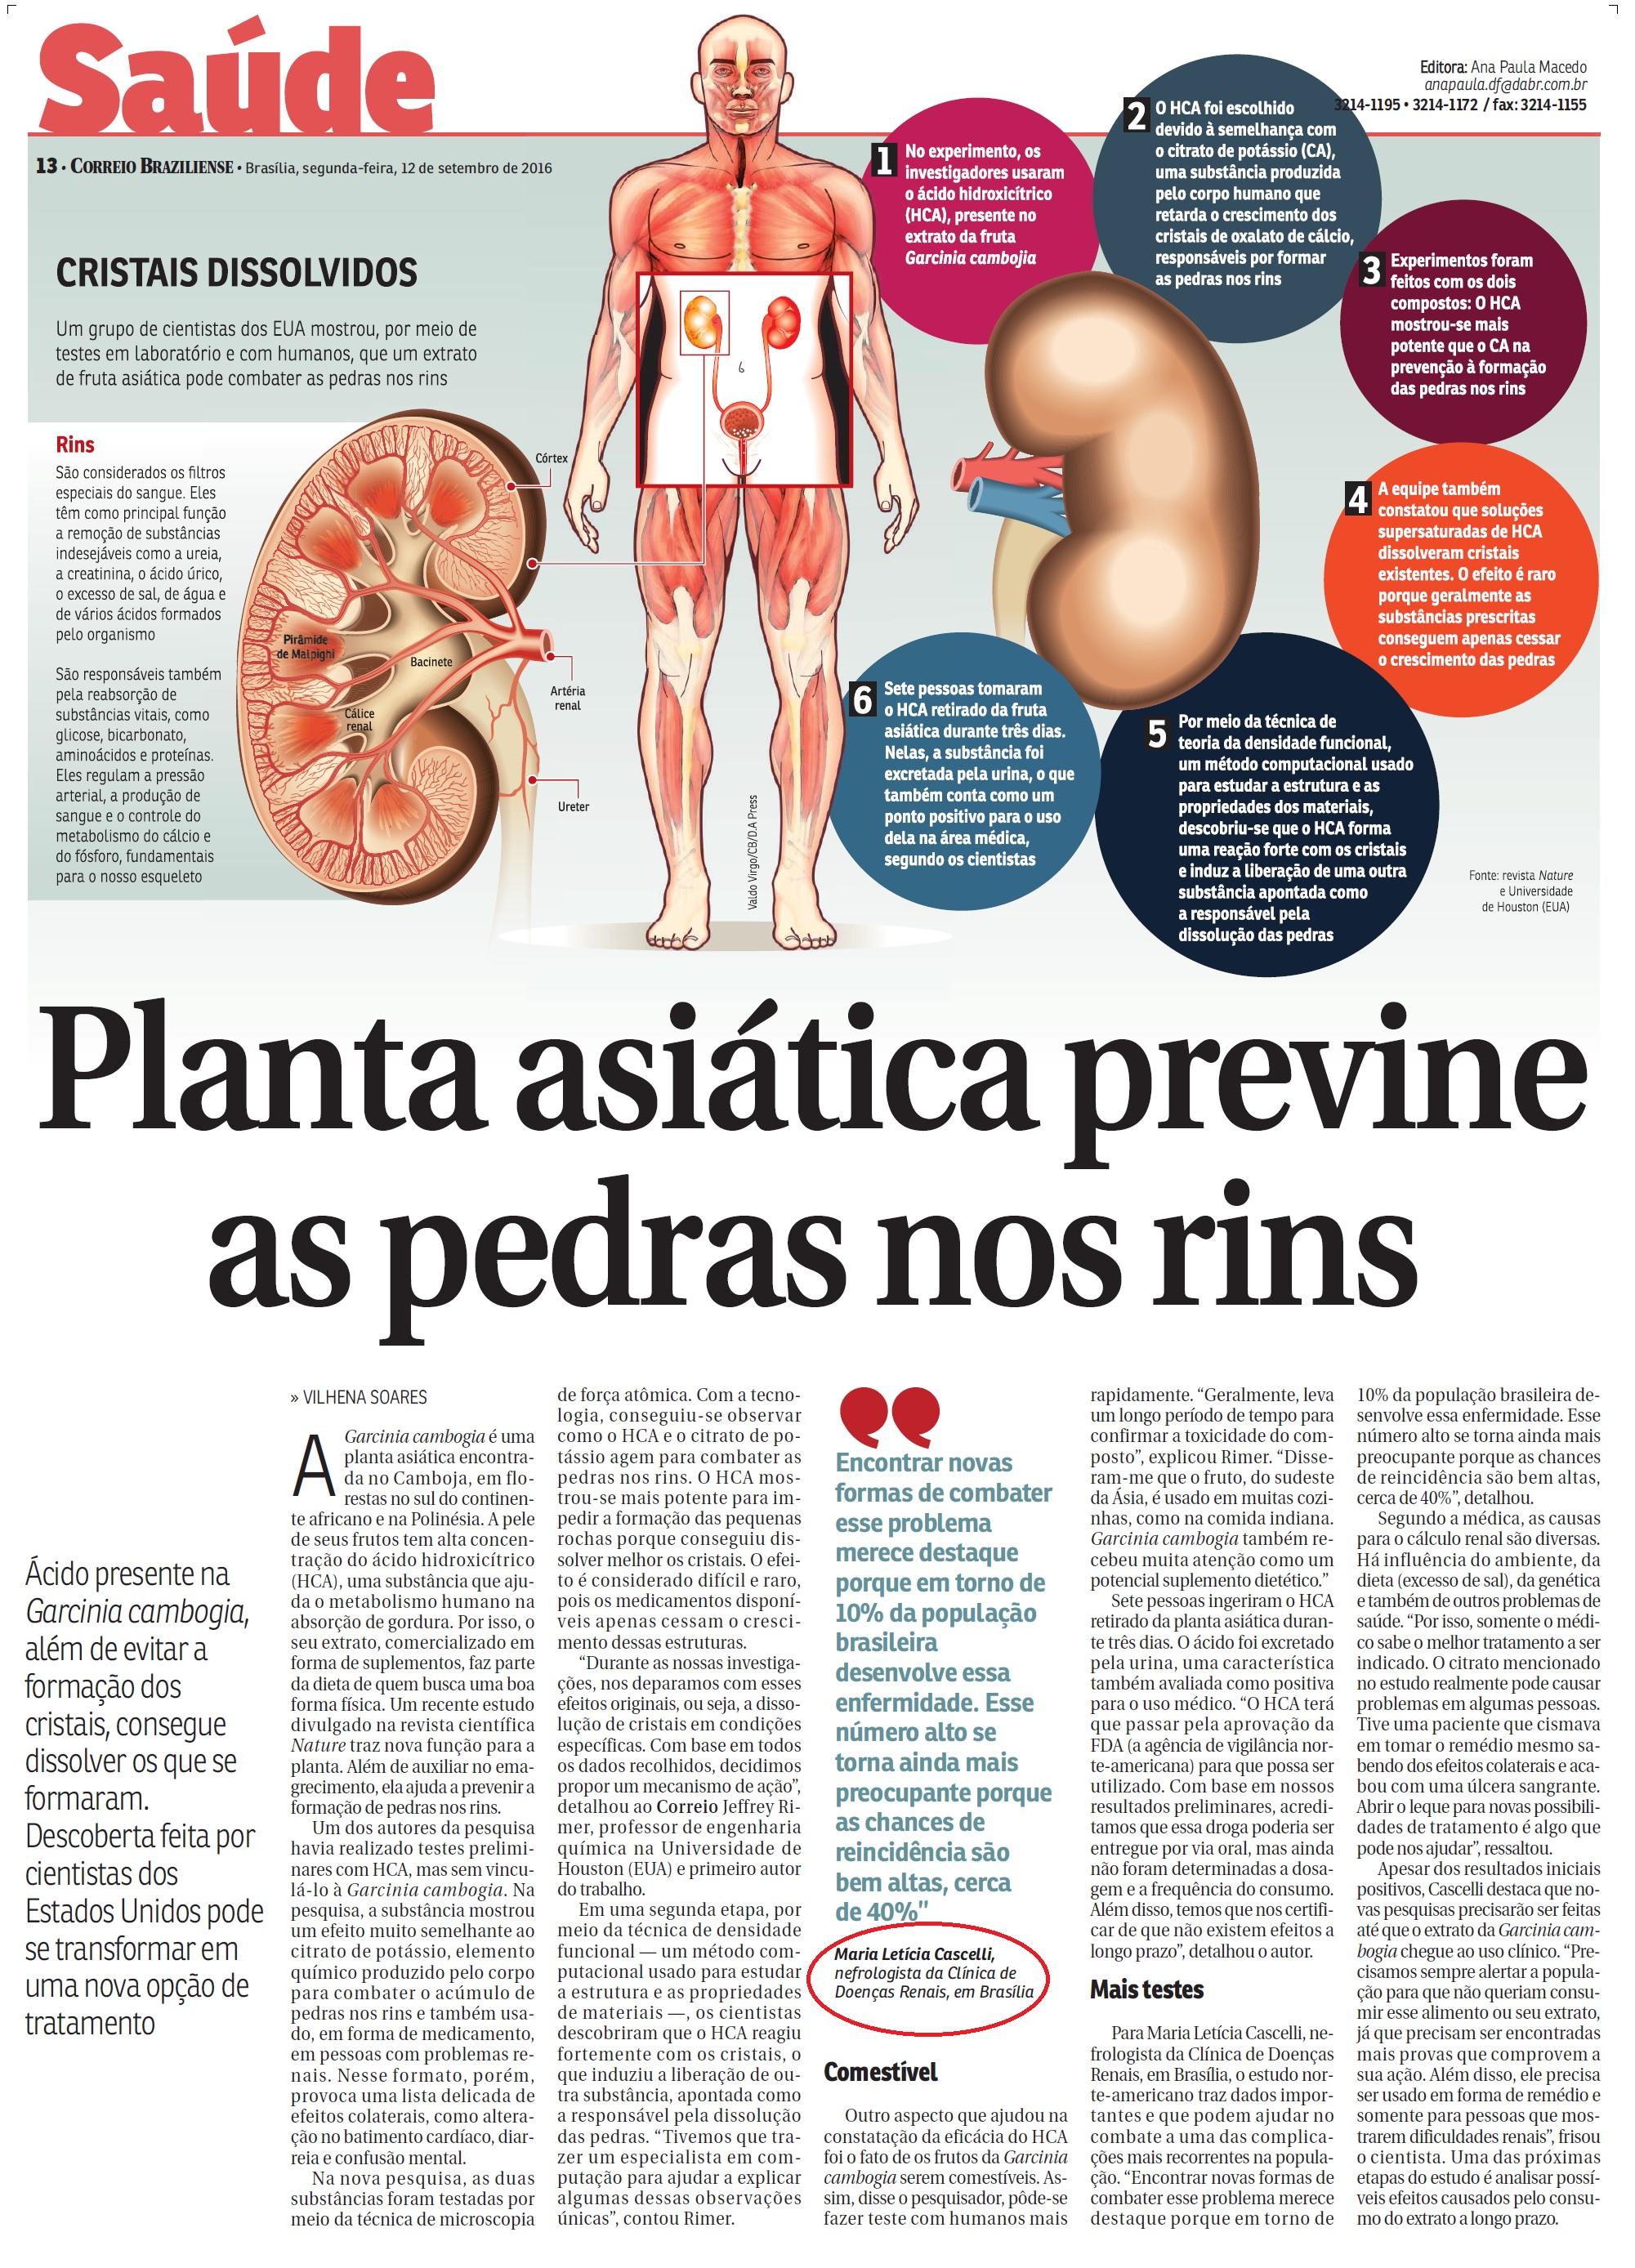 correio-braziliense-dra-maria-leticia-cdrb-12-09-2016